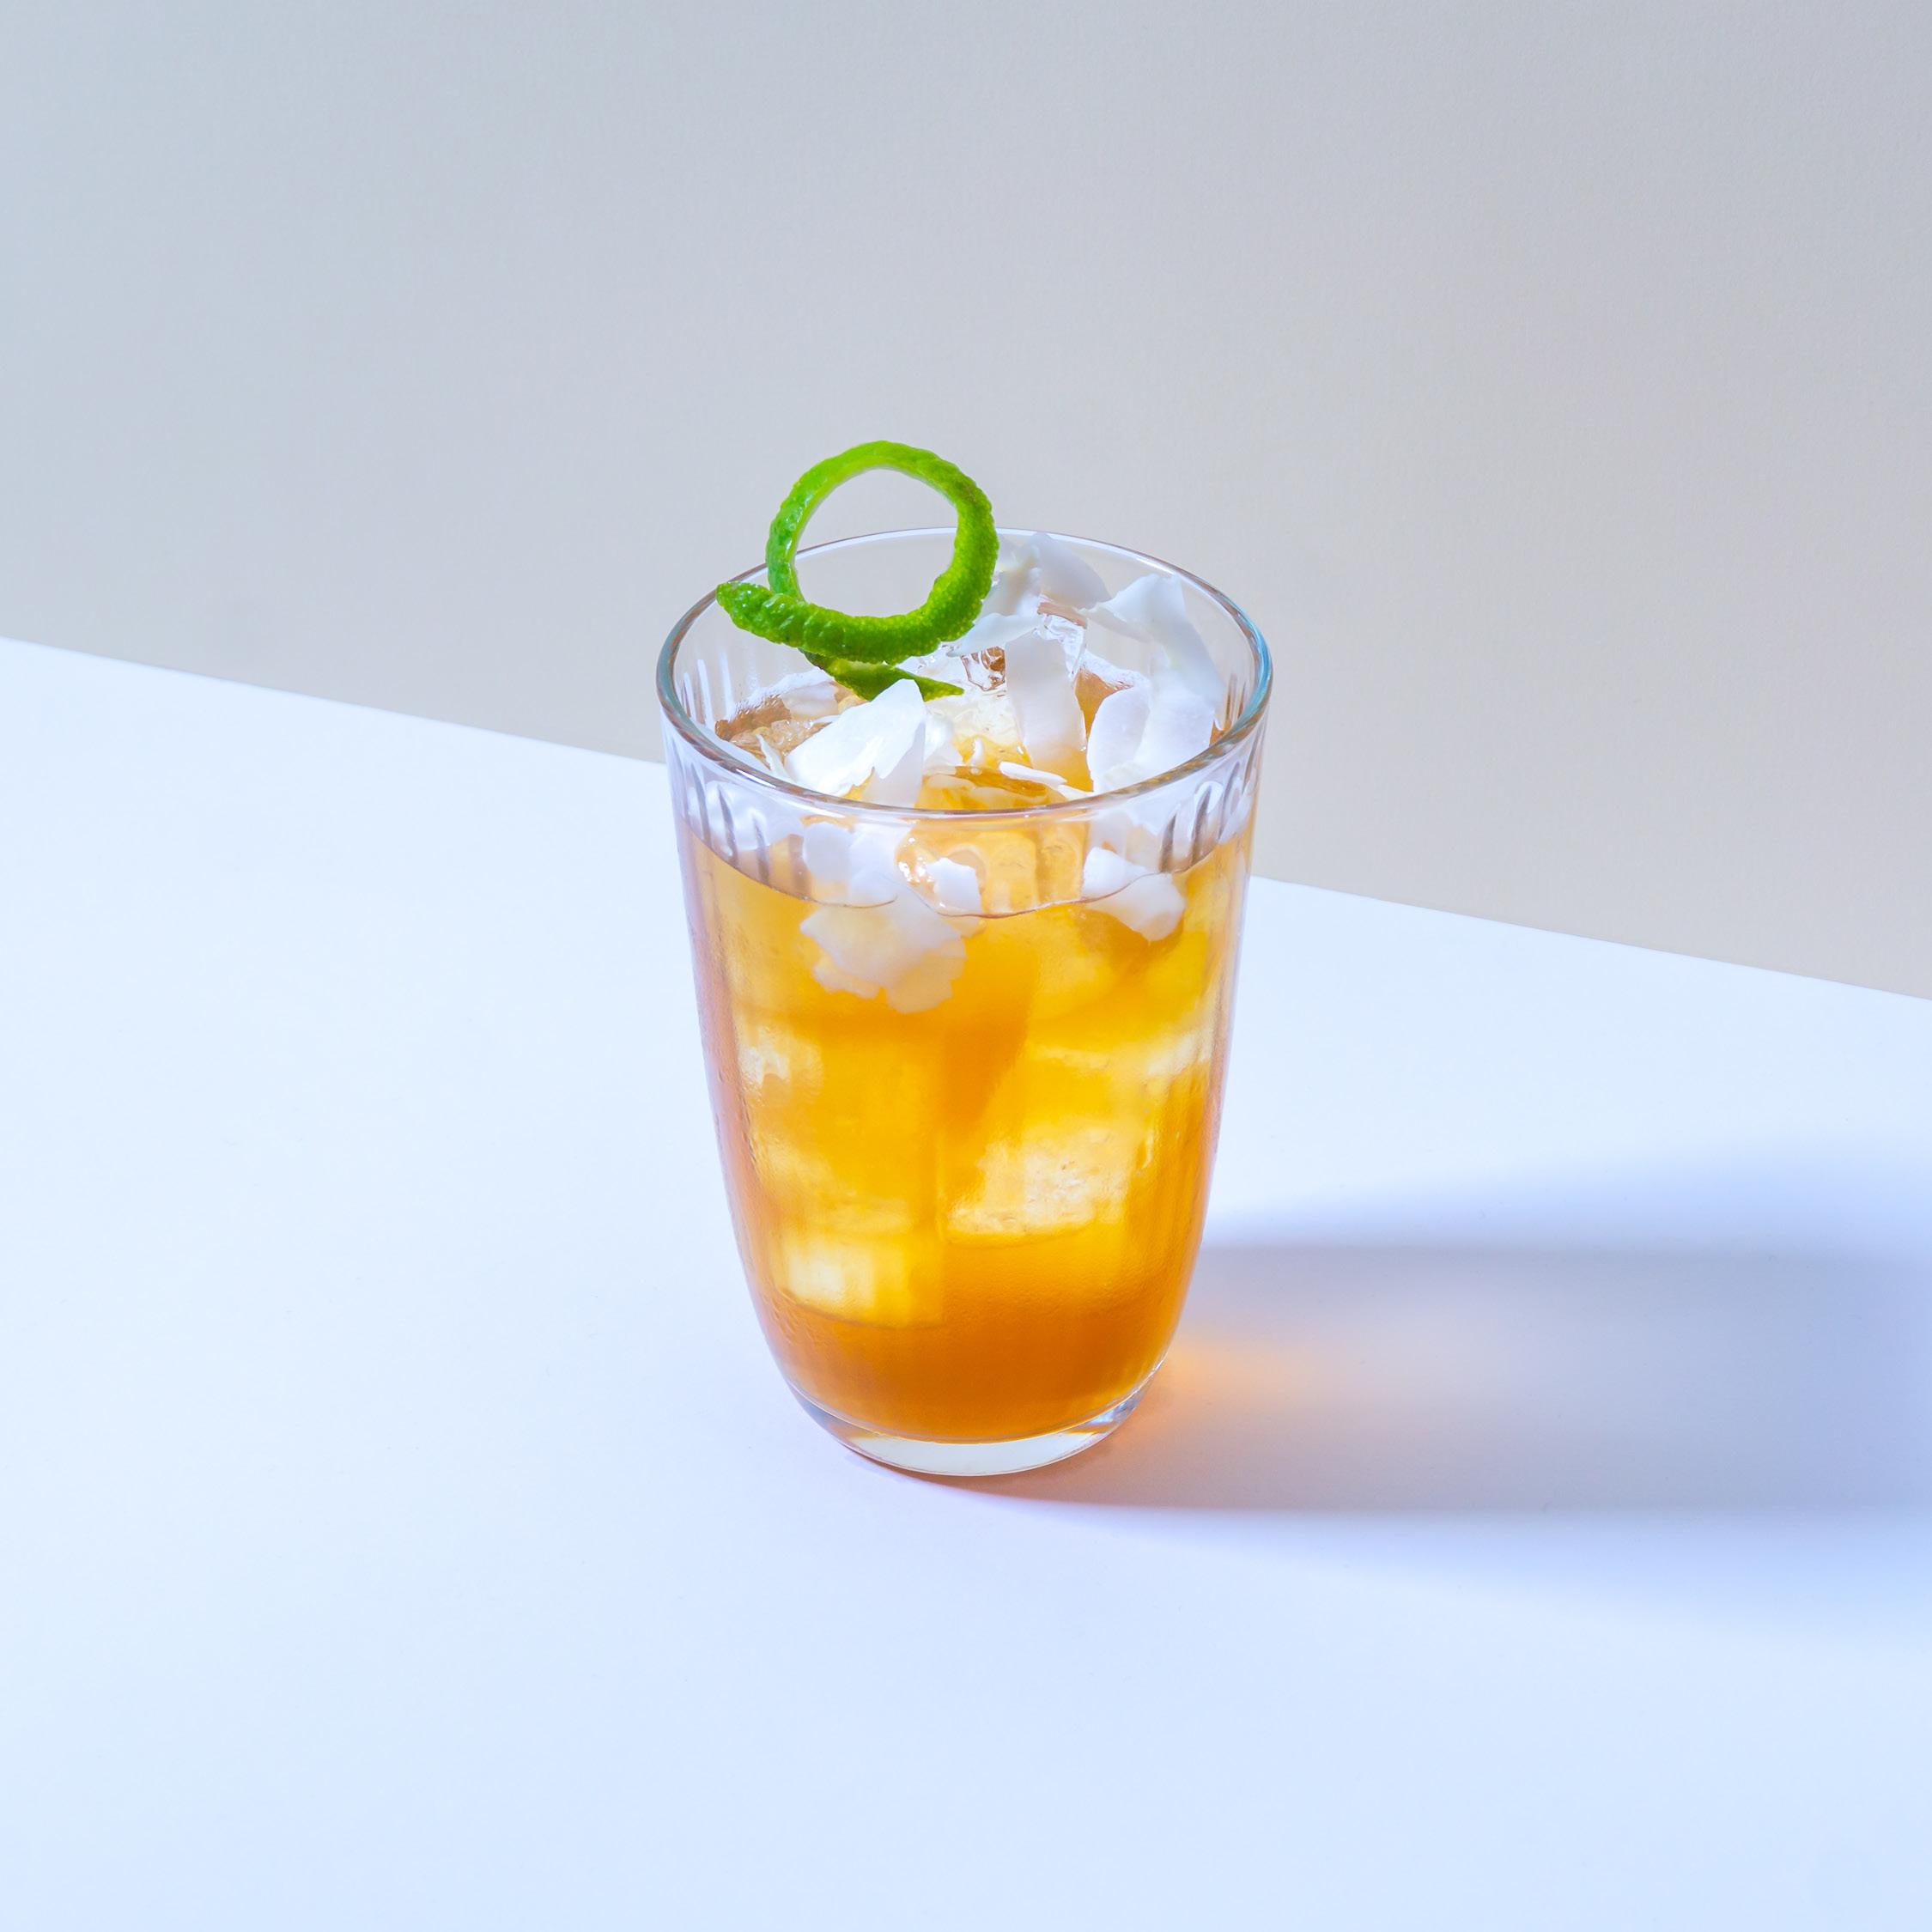 ESCOBAR   Ein Mix aus weissem und dunklem Pampero Rum mit einem Vanille-Cacau-Likör, Kokoswasser und einem leichten Rauch von Single Malt.